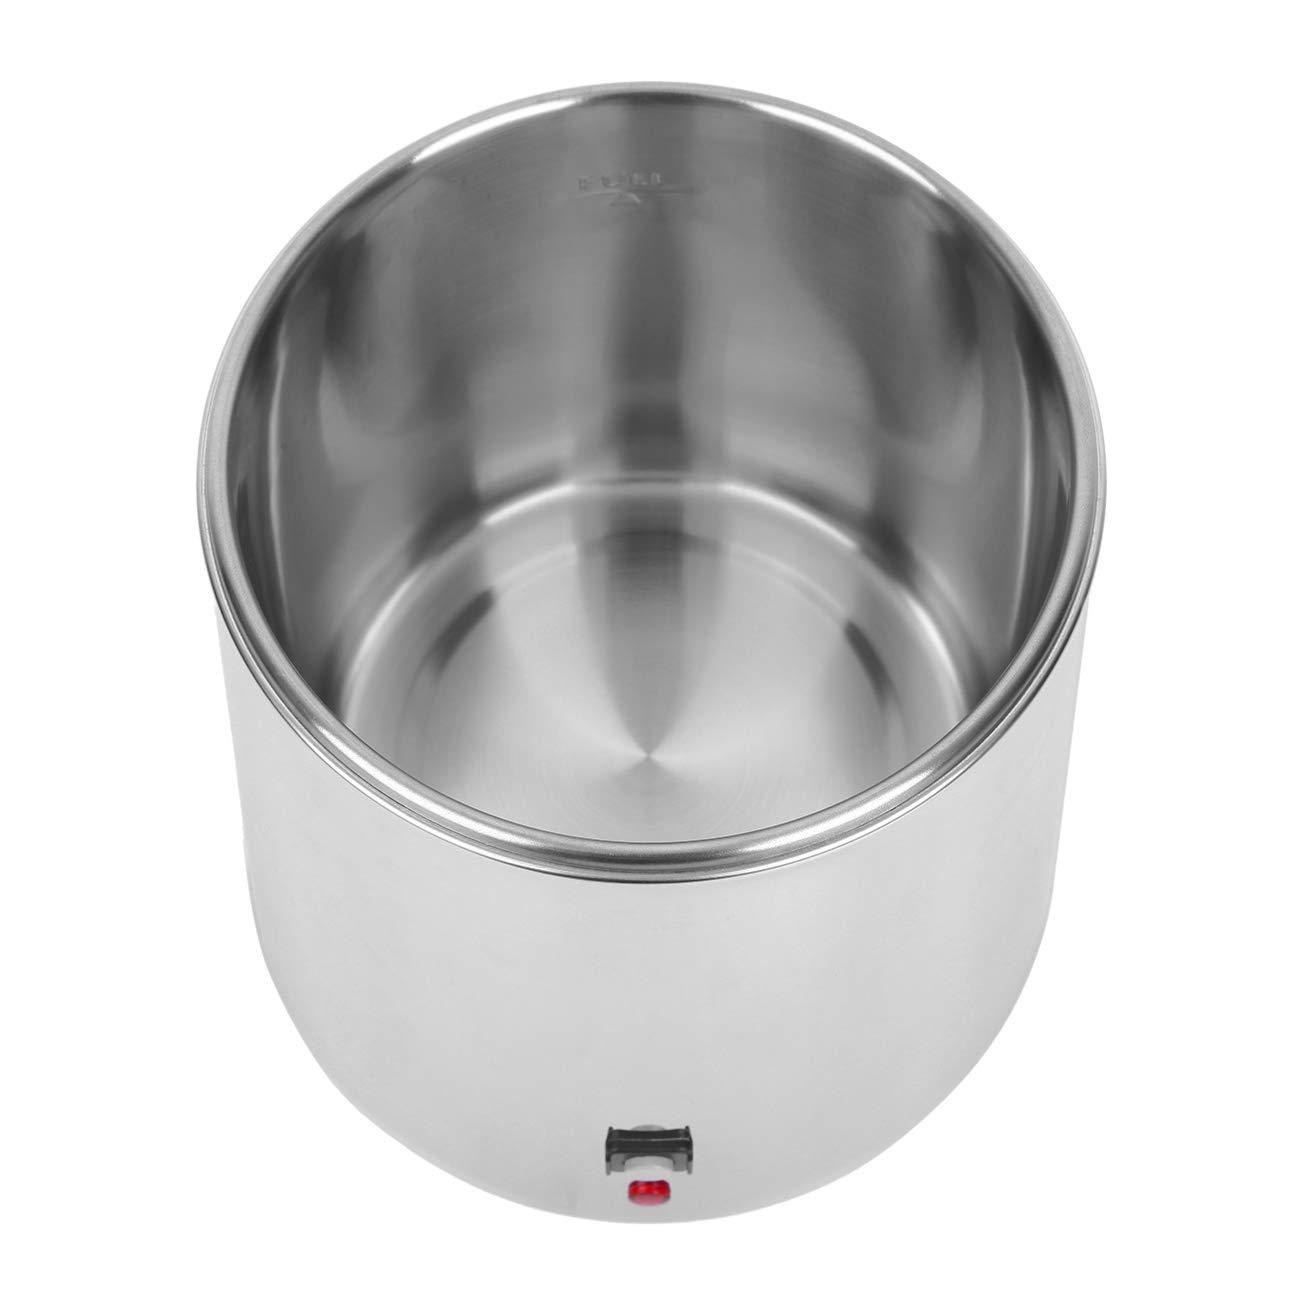 XuanYue Destilación Filtro Purificador 4L Acero Inoxidable Destilador de Agua Máquina para el Agua Destilada Casera: Amazon.es: Hogar